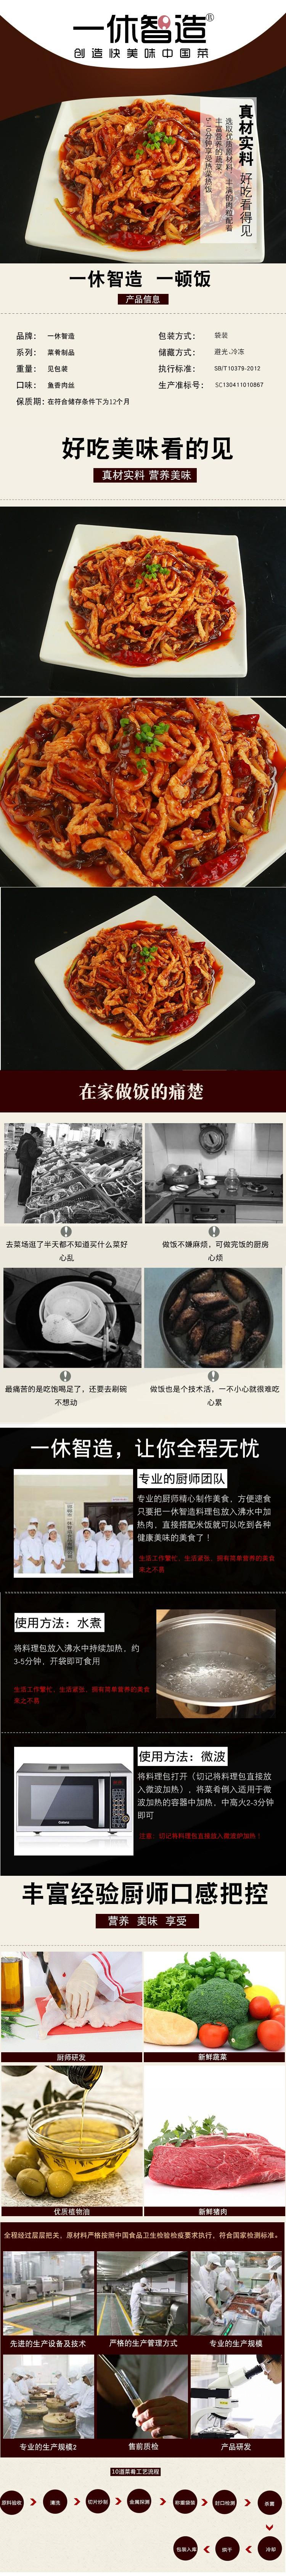 鱼香肉丝.jpg